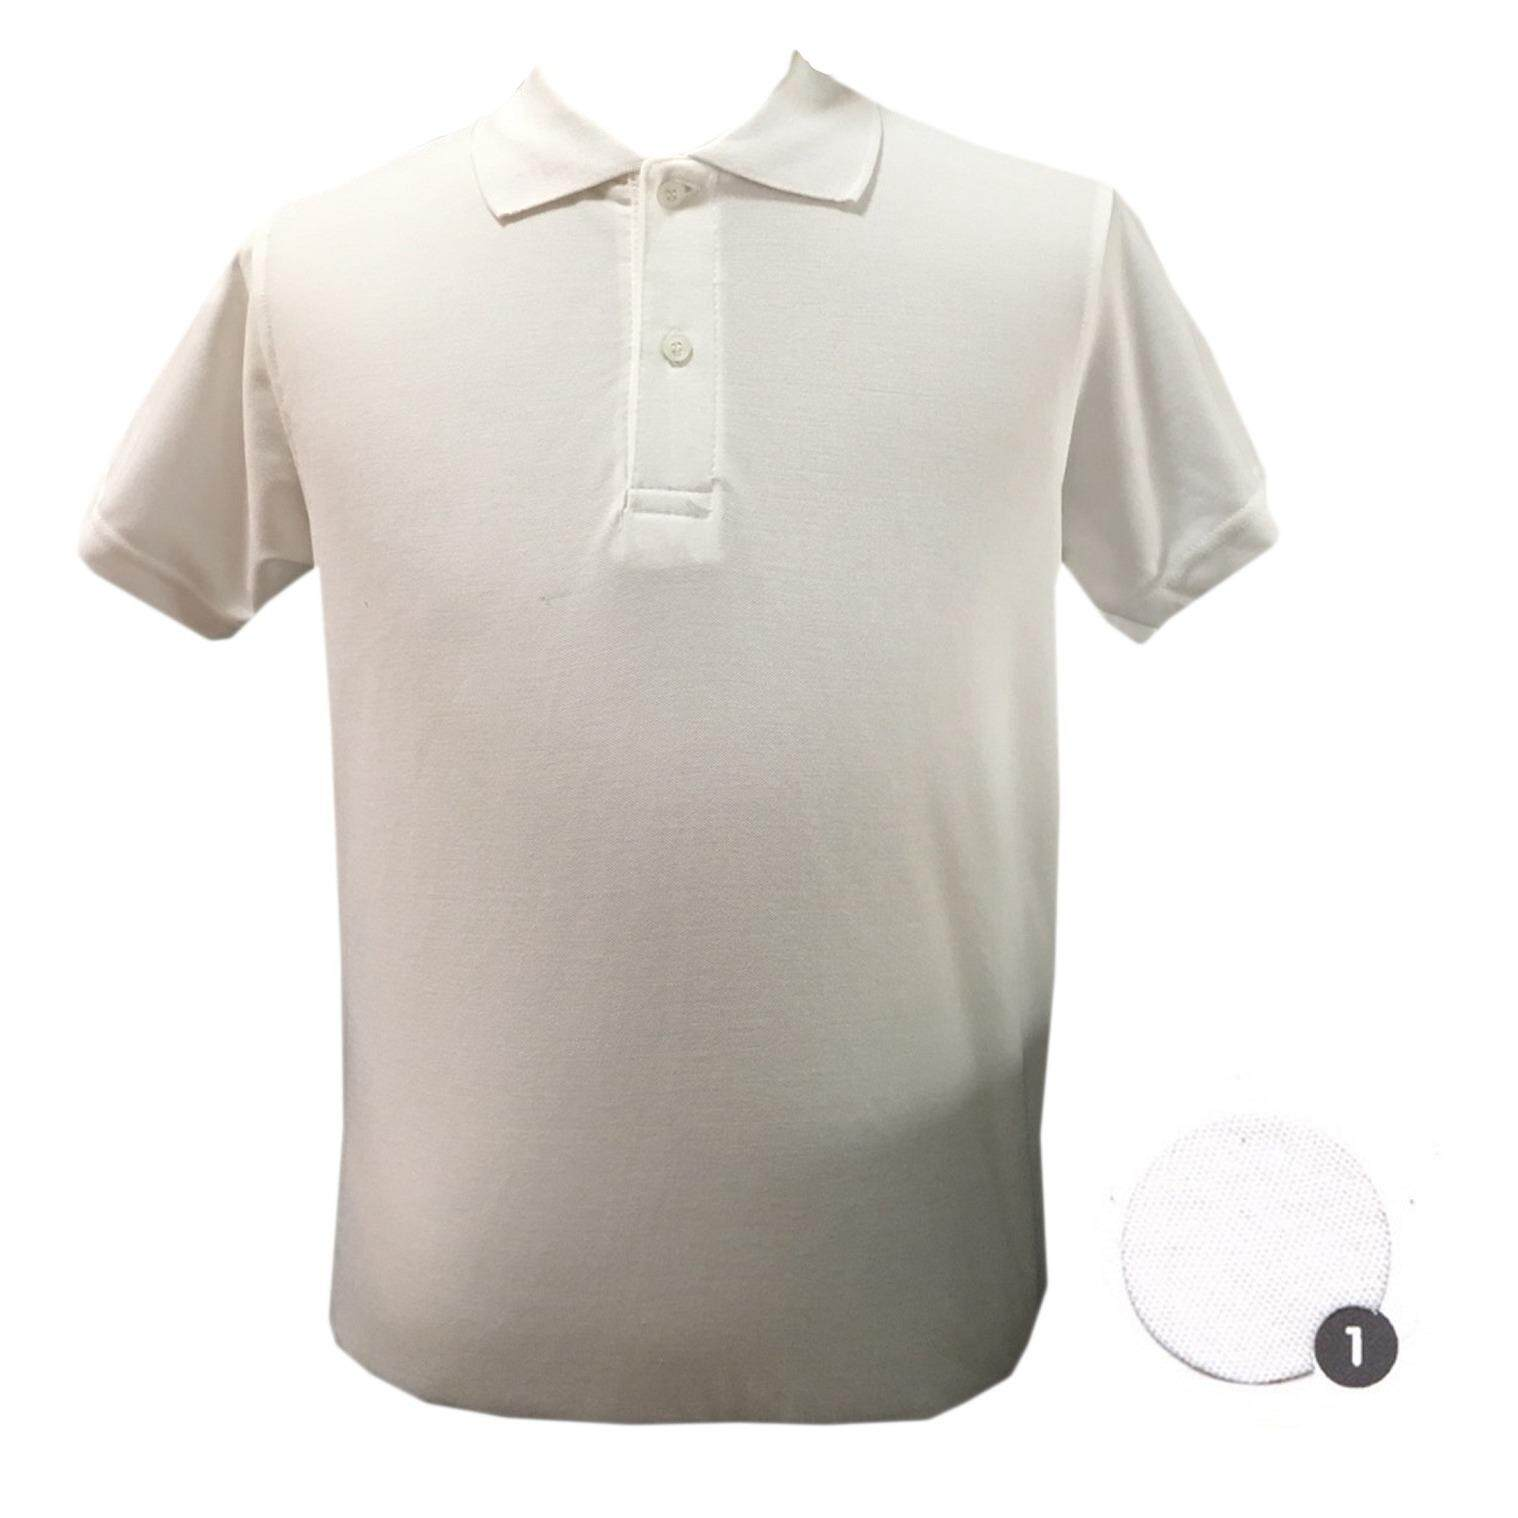 โปรโมชั่น เสื้อโปโล ผ้าจุติ สีขาว